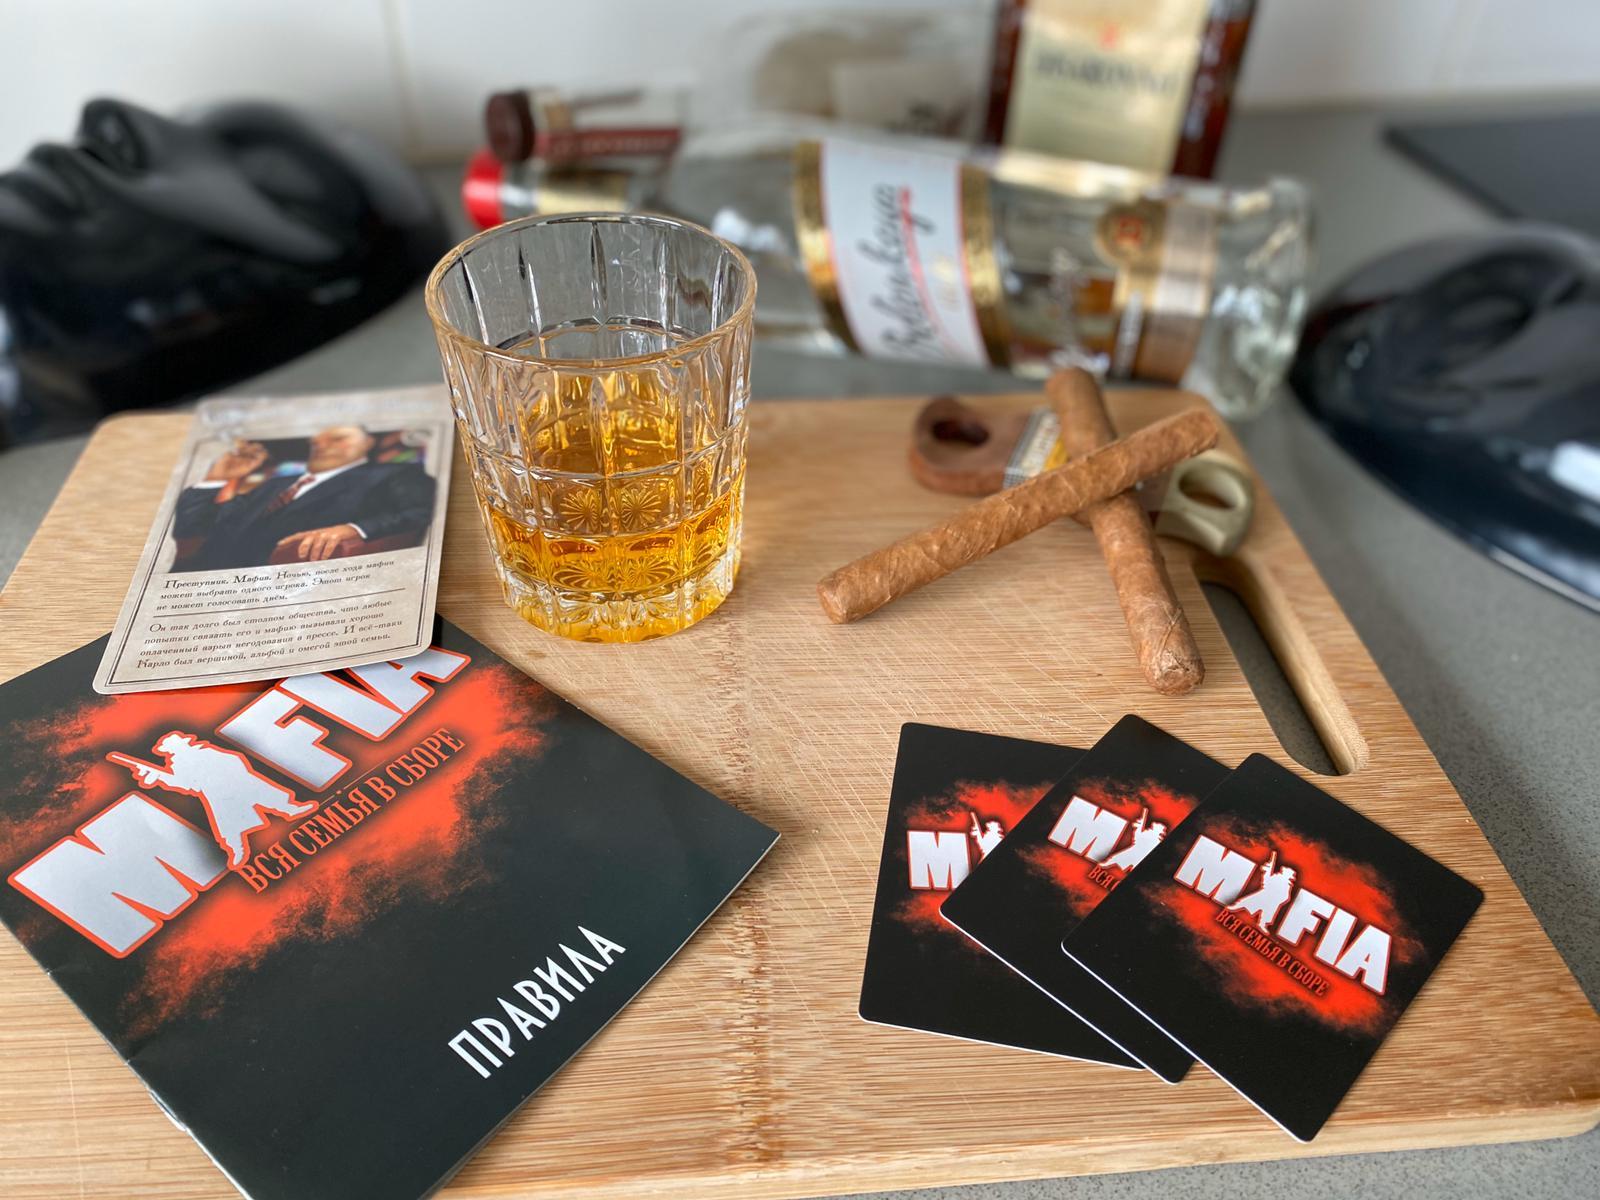 В этом городе правит «Мафия»: как организовать коктейльную вечеринку в гангстерском стиле